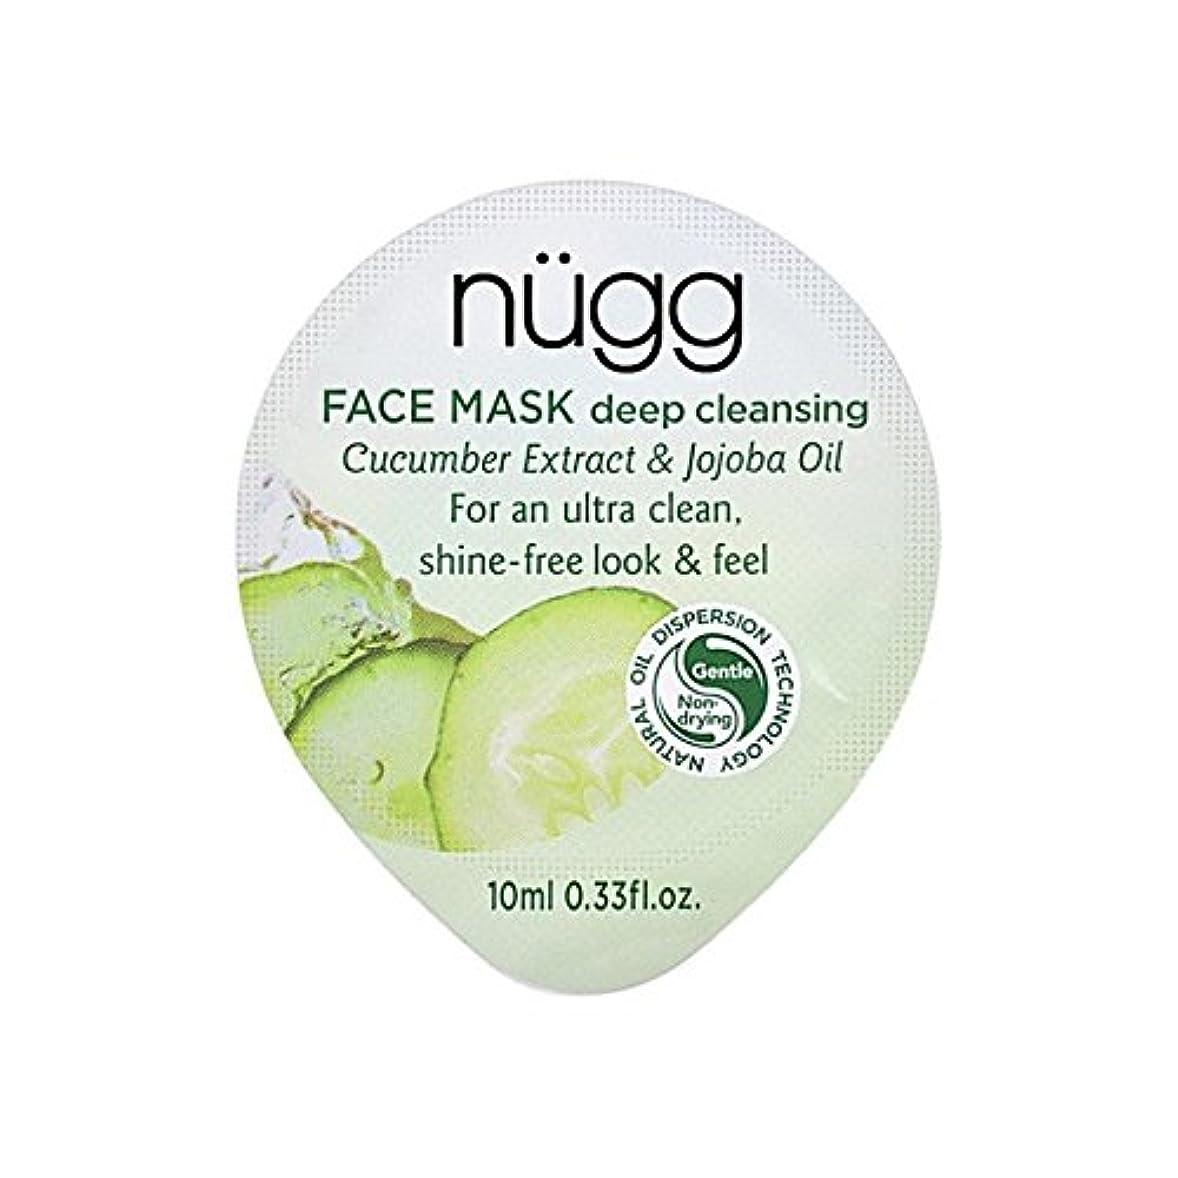 品揃え行方不明そしてディープクレンジングフェイスマスク x4 - Nugg Deep Cleansing Face Mask (Pack of 4) [並行輸入品]